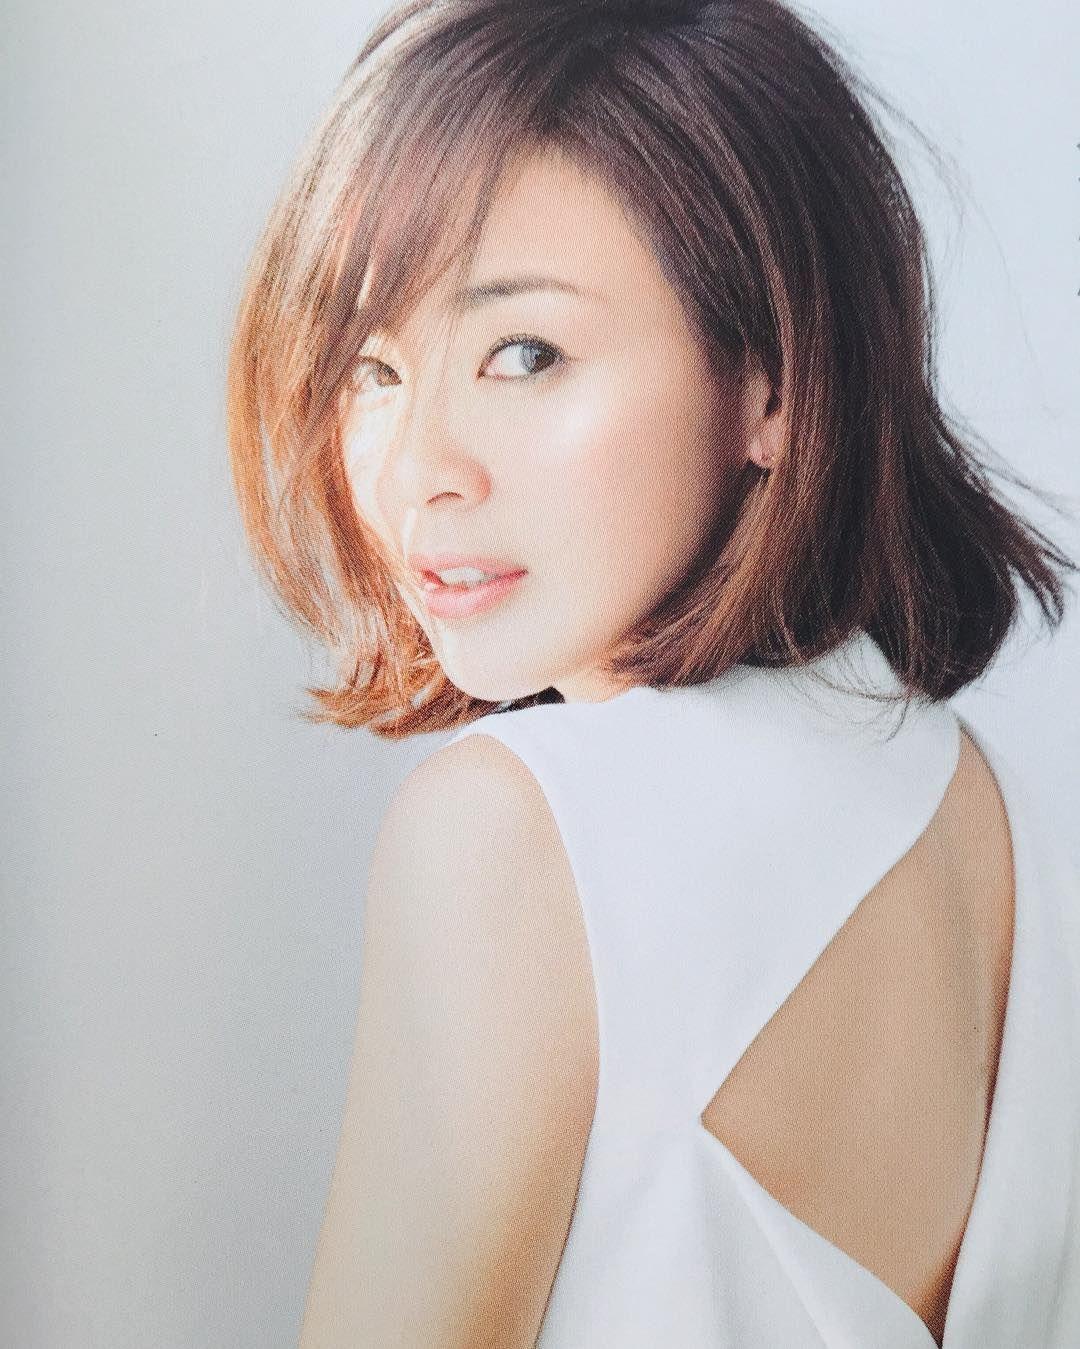 SHIHO (ファッションモデル)の画像 p1_33